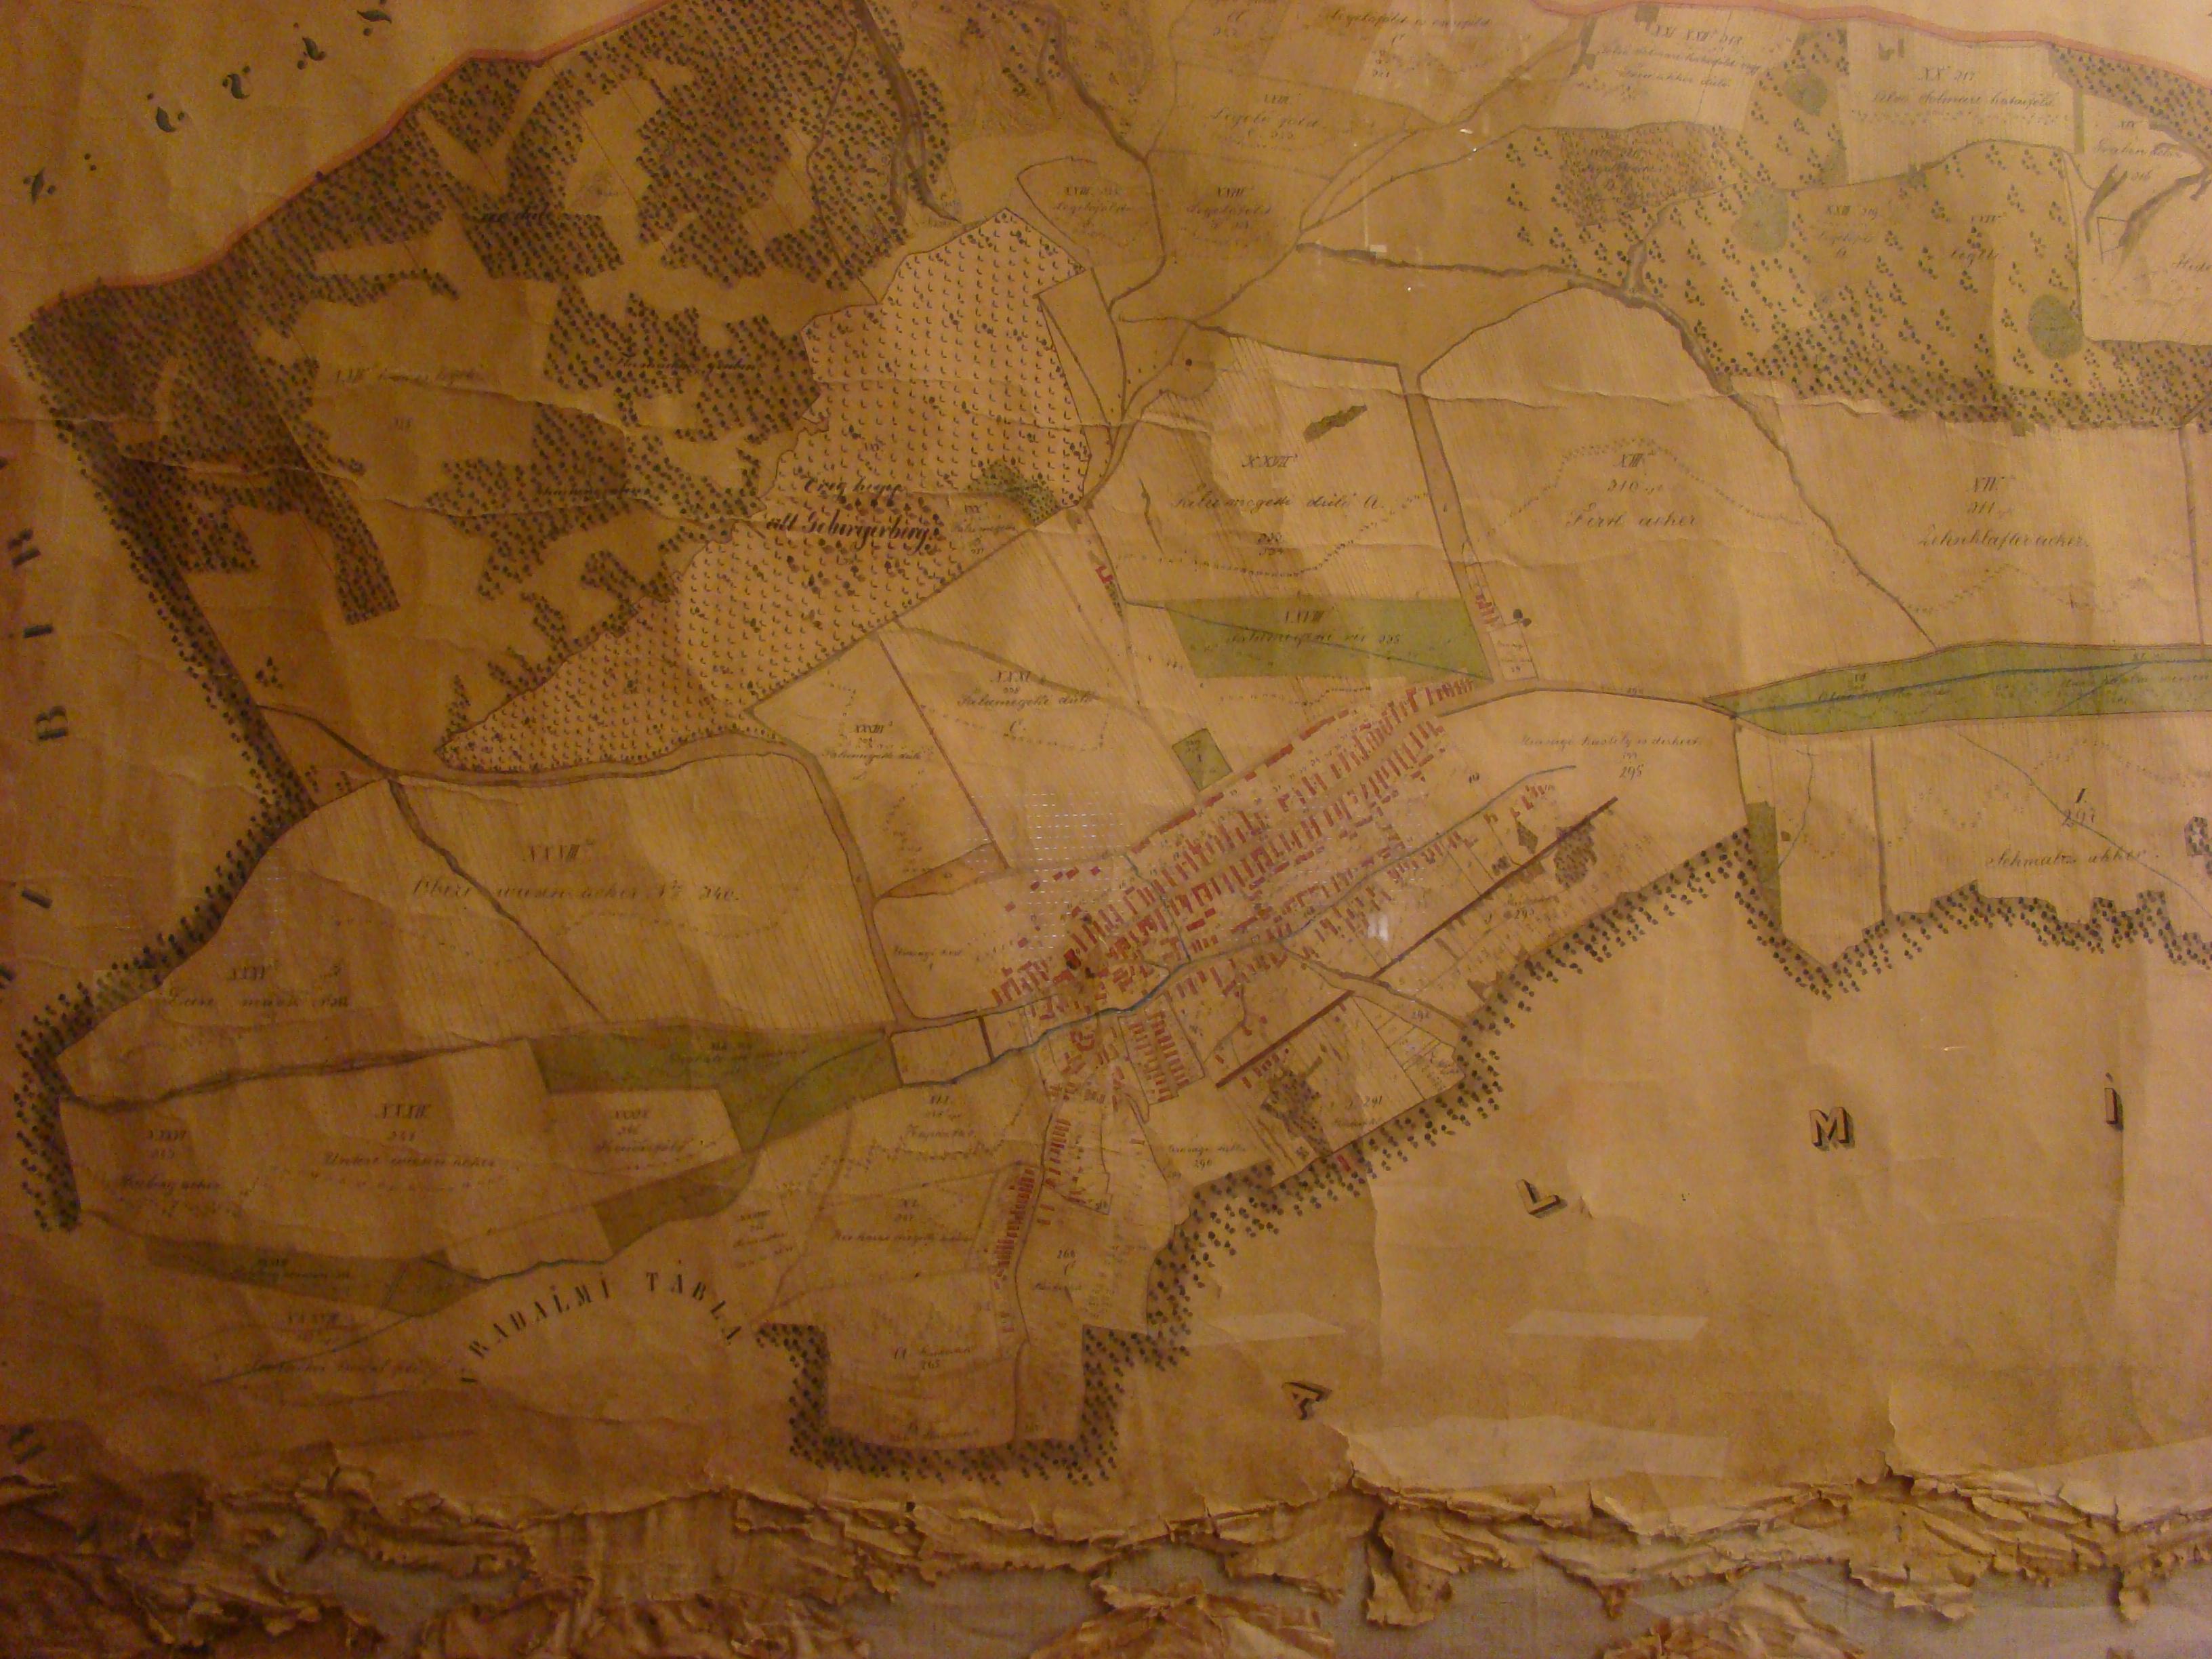 Nagy Kovátsy vólt úrbéresek összes birtokainak kimutatott térképe az 1882-dik évben